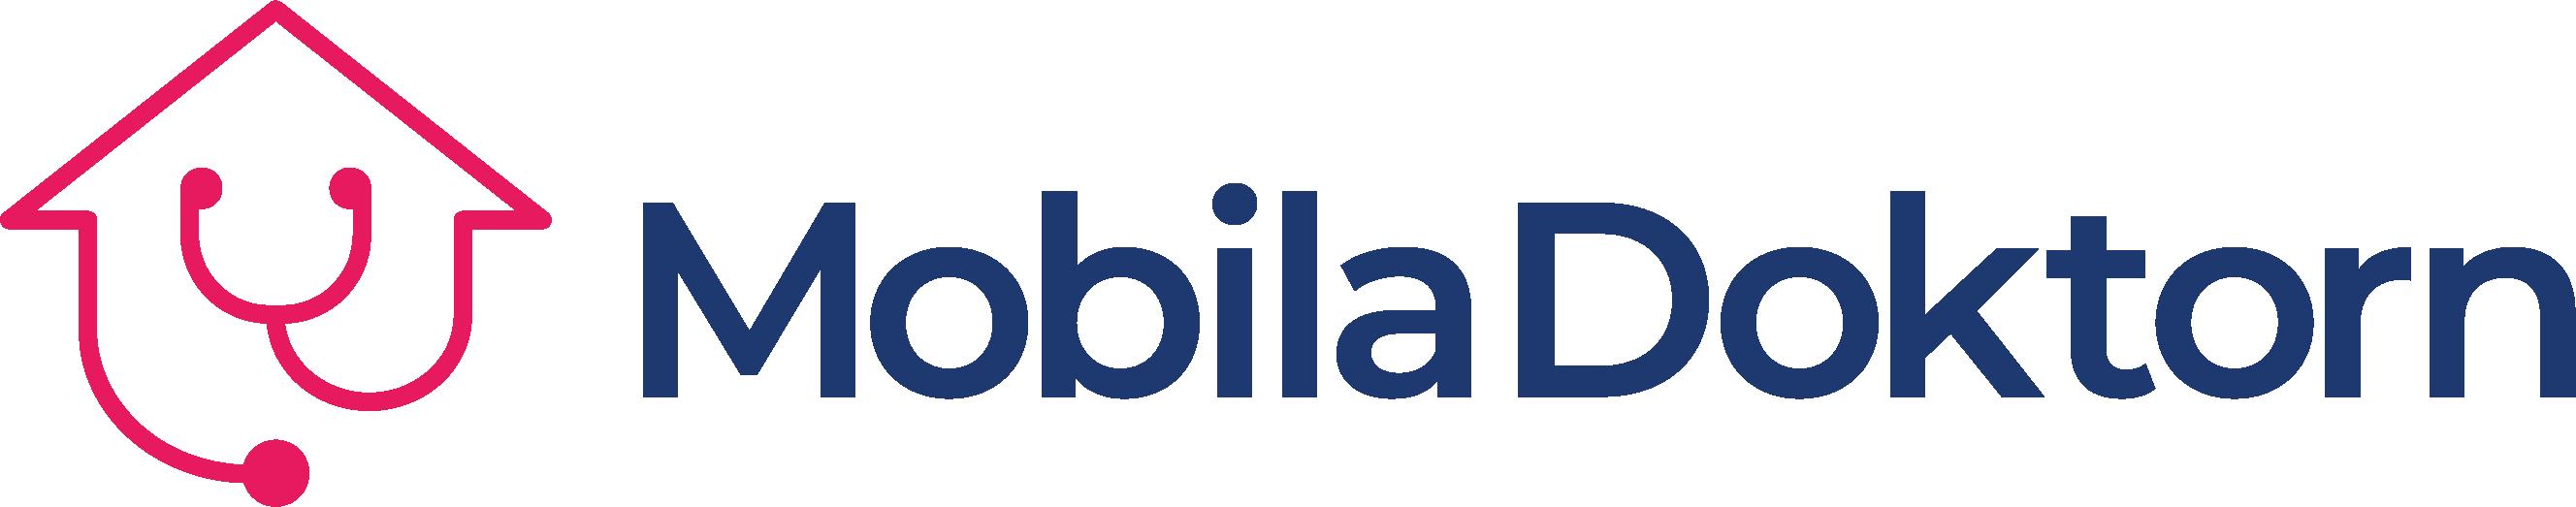 mobiladoktorn_logo